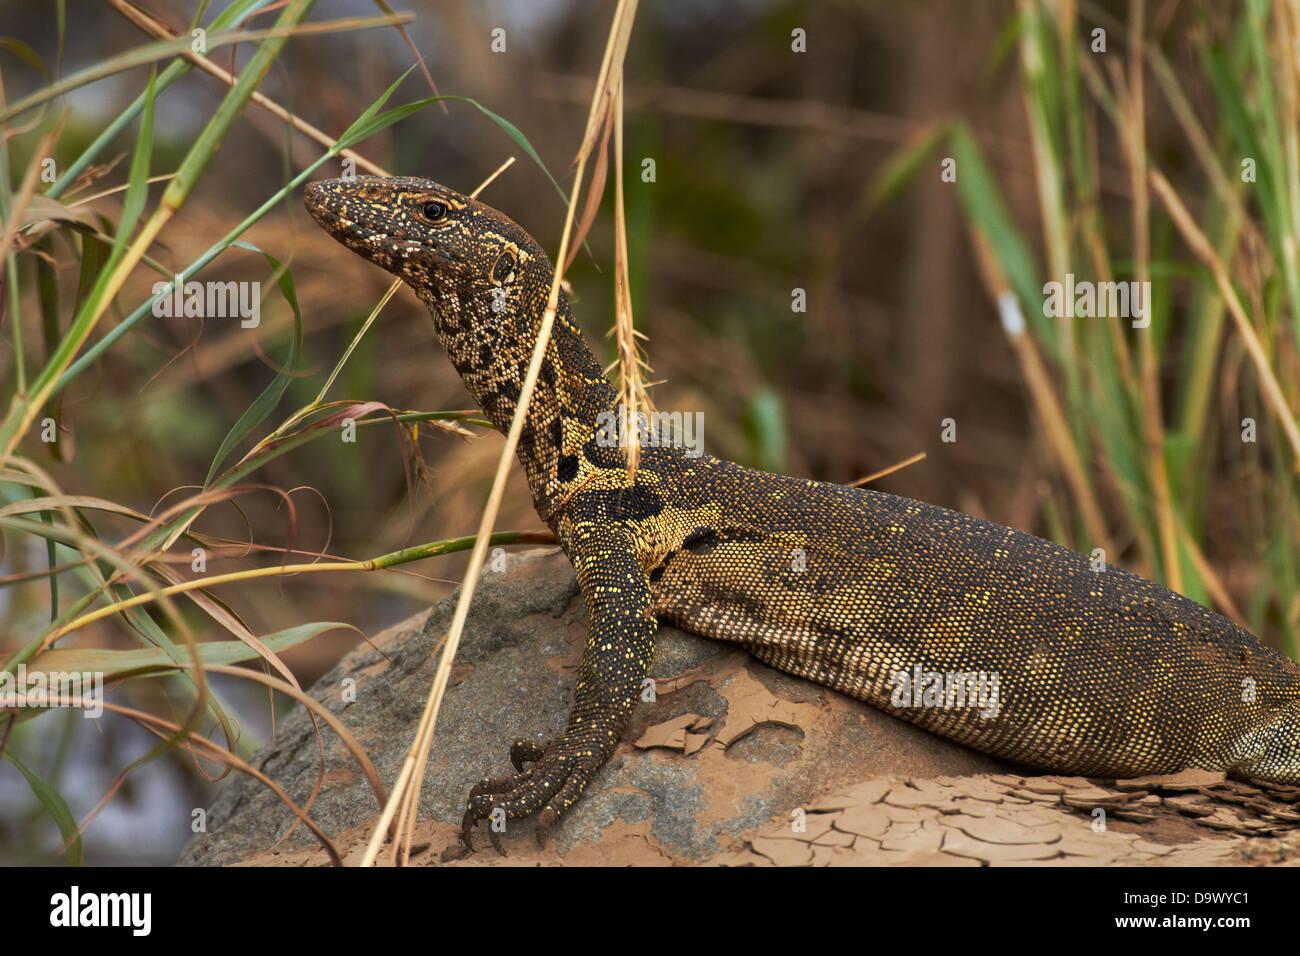 Moniteur du Nil (Varanus niloticus), également appelé leguaan eau, Kruger National Park, Afrique du Sud Photo Stock